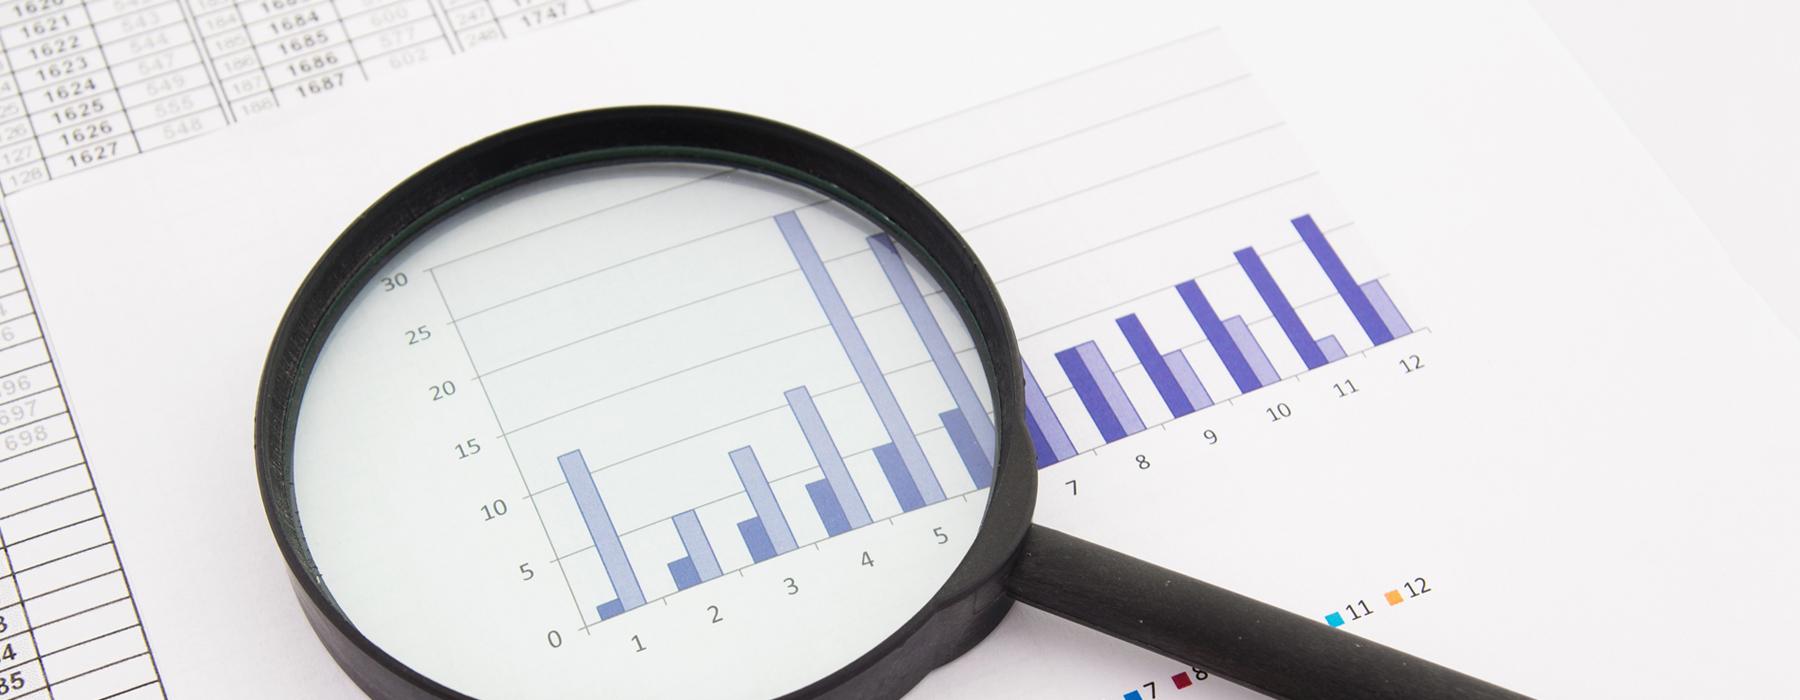 Cash Flow & Budgeting Analysis